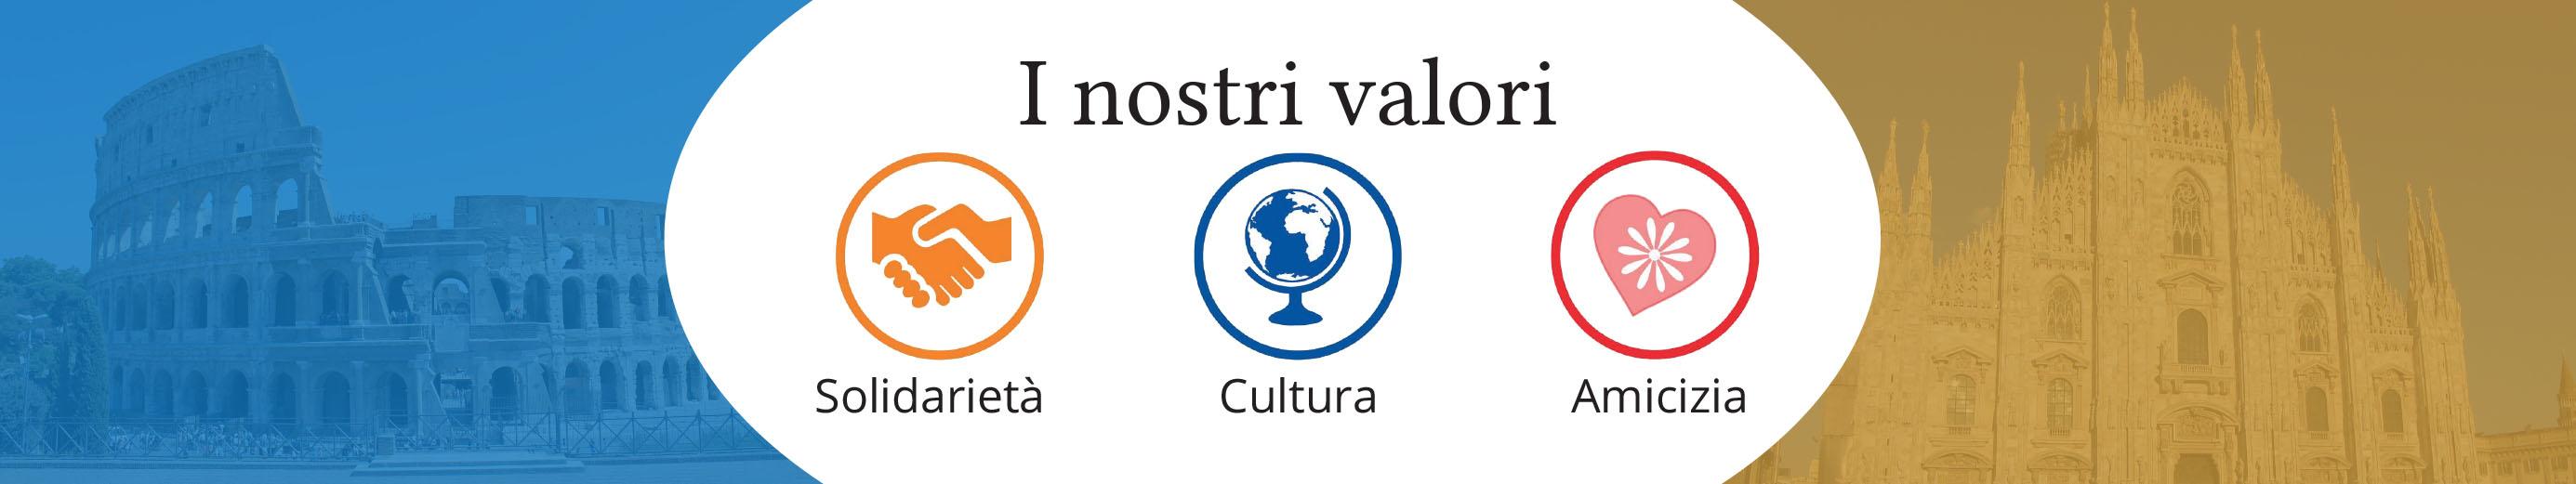 I nostri valori